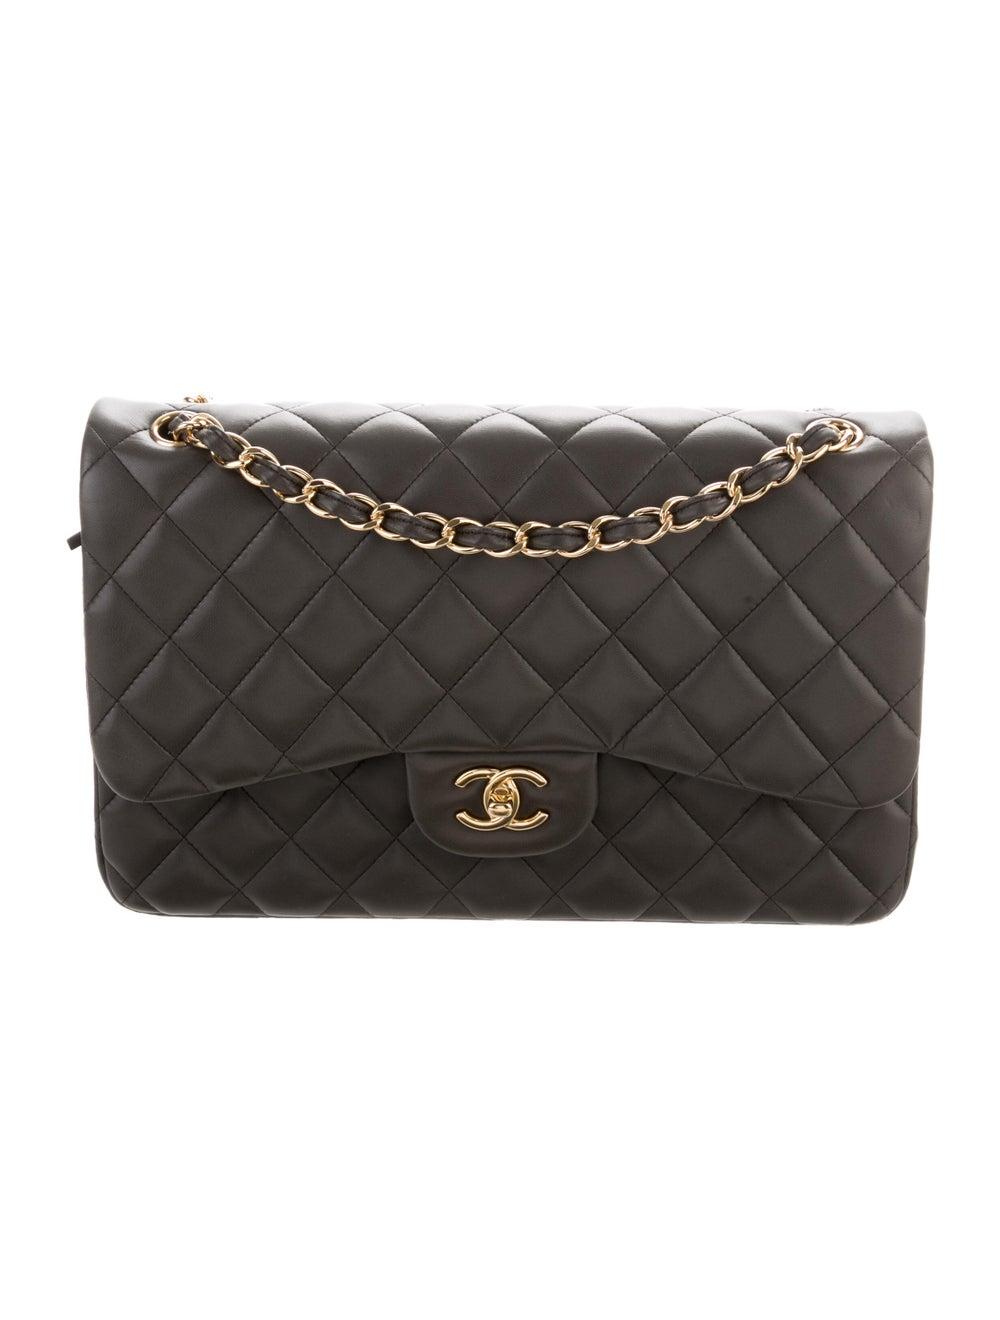 Chanel Classic Jumbo Double Flap Bag Grey - image 1